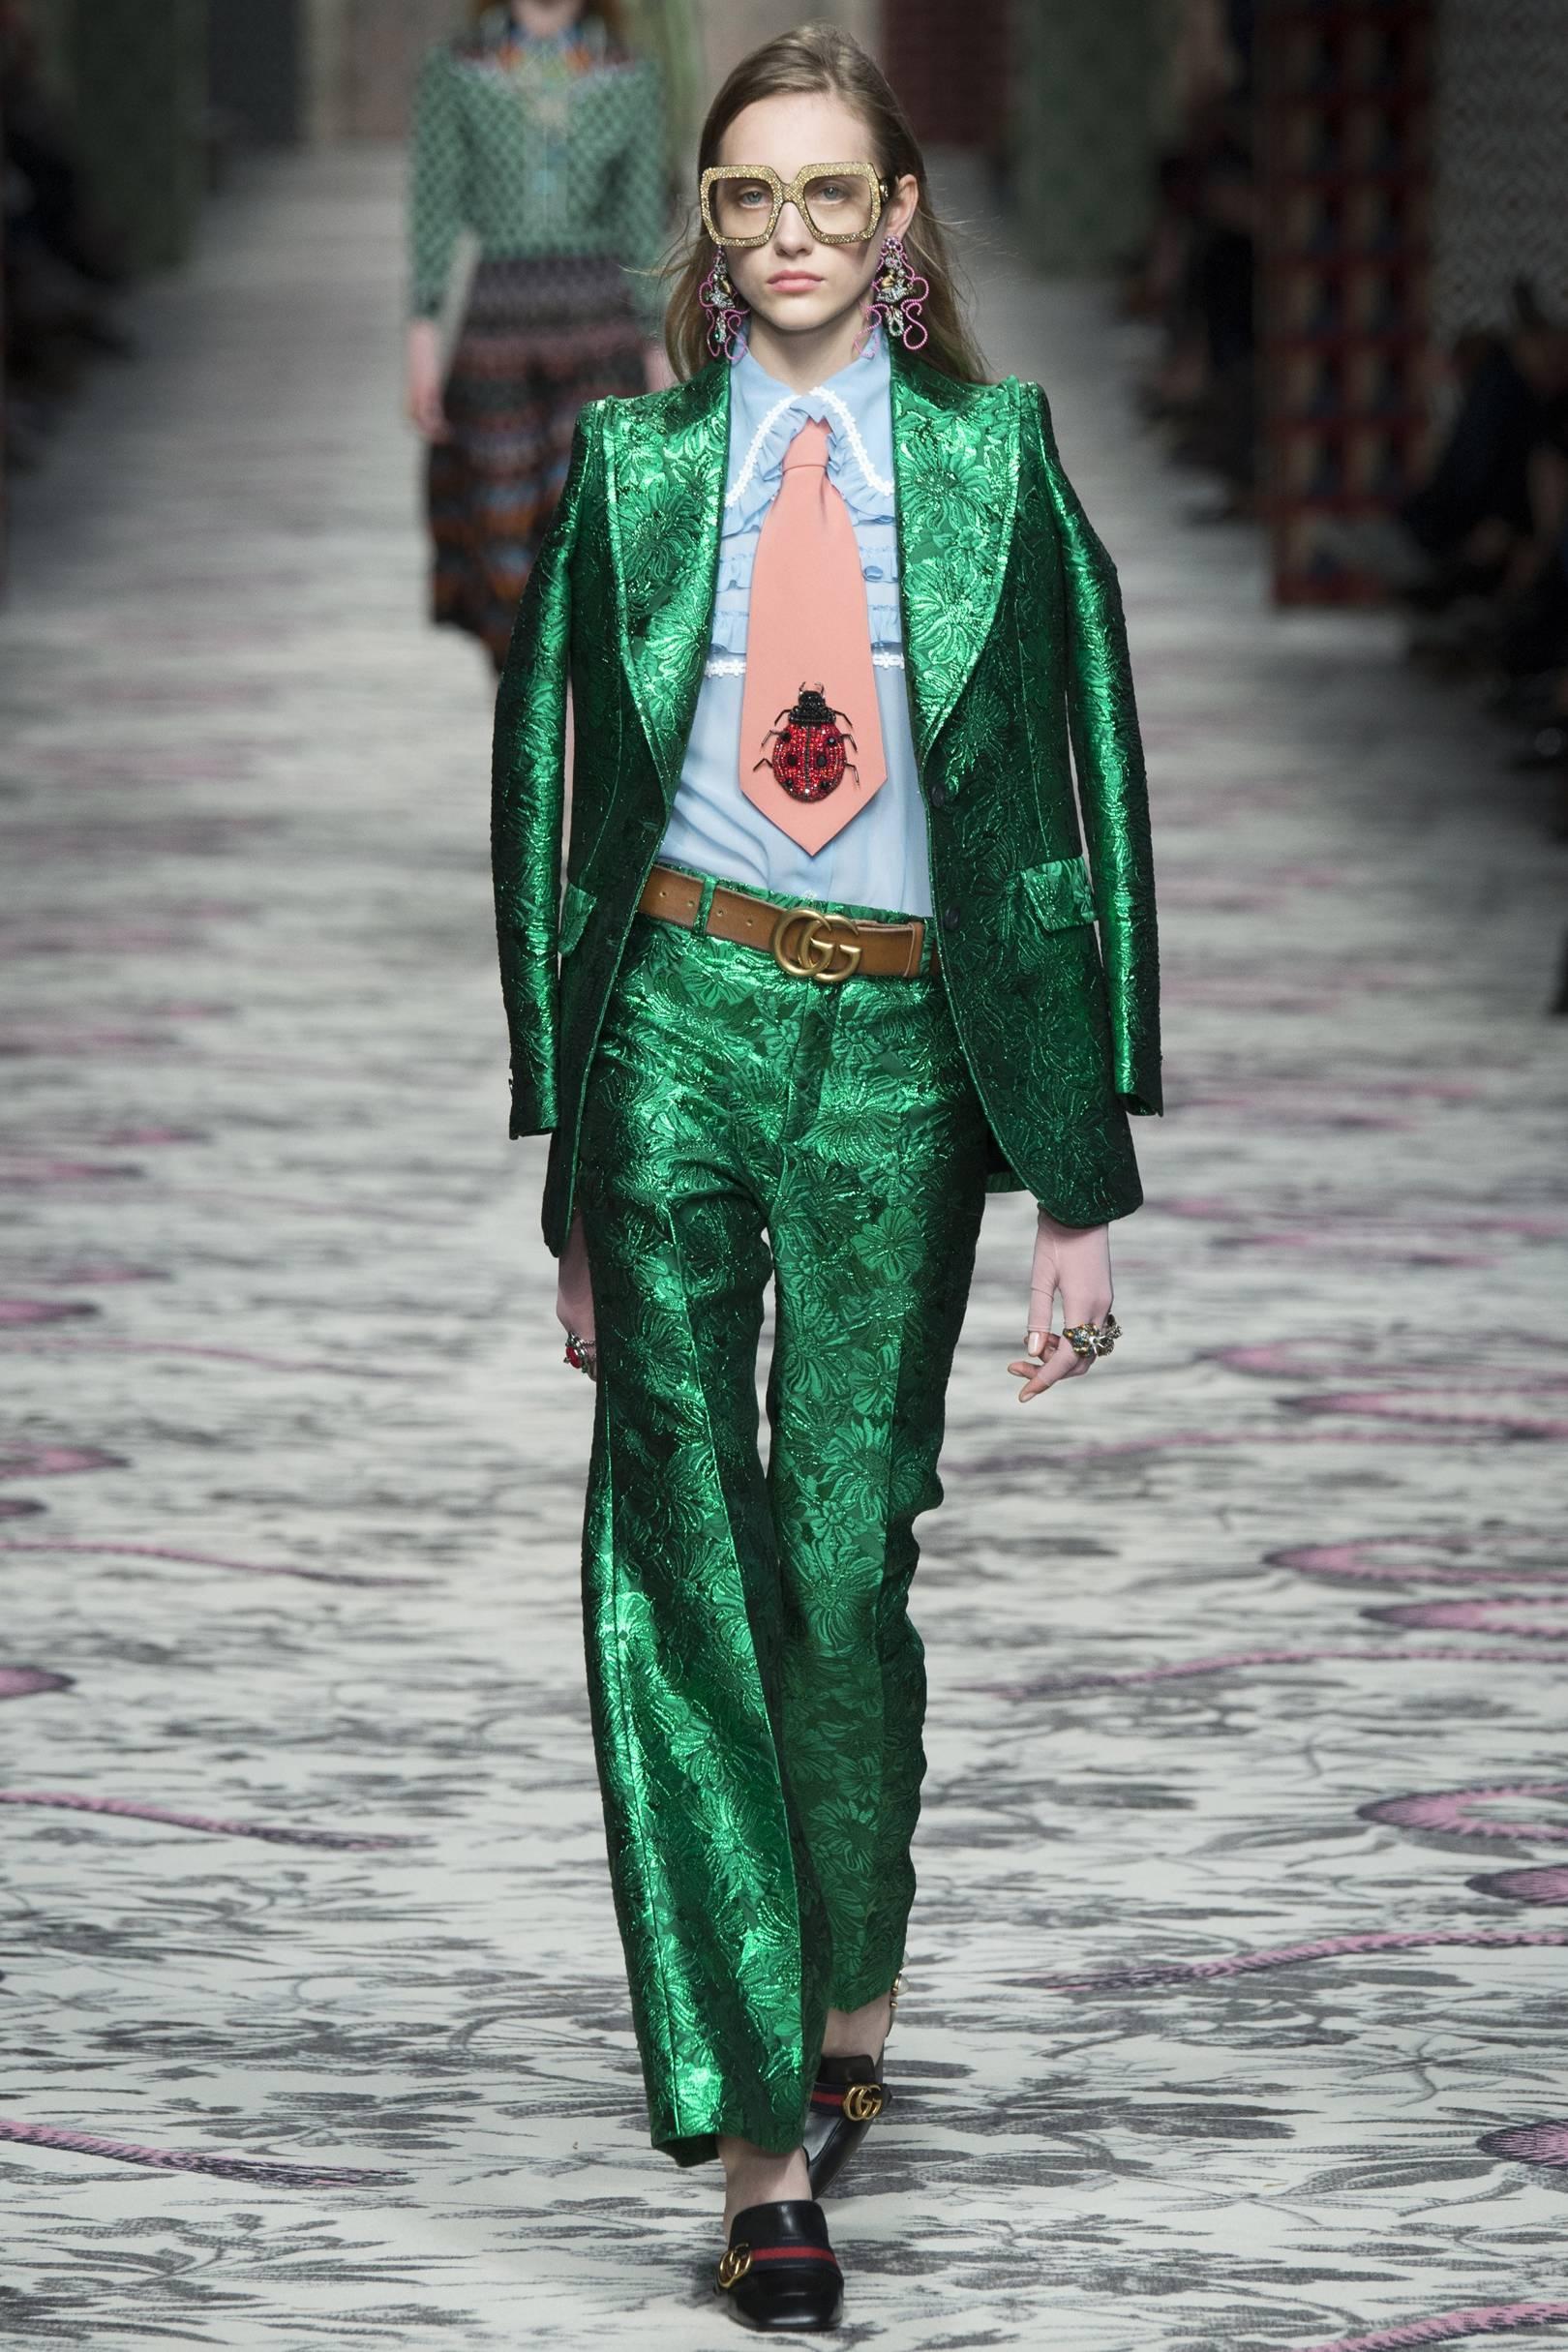 b83c9e497b5 It's Time To Try A Suit Or Tux For Prom 2016 | British Vogue